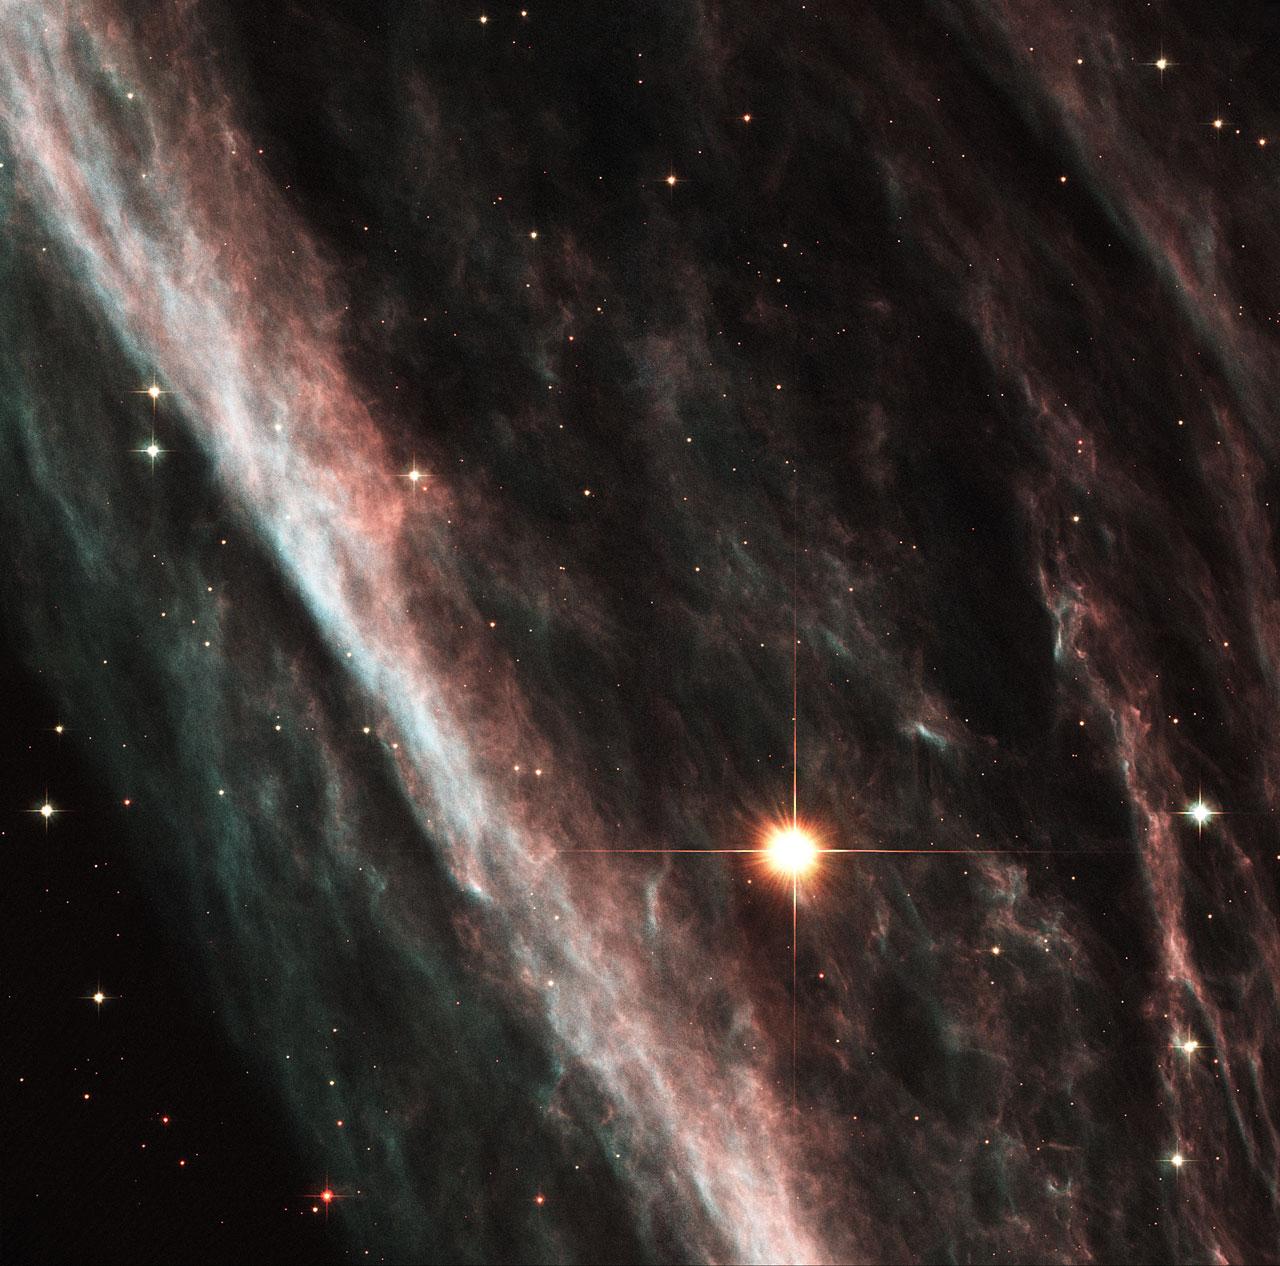 Supernova Shock Wave Paints Cosmic Portrait